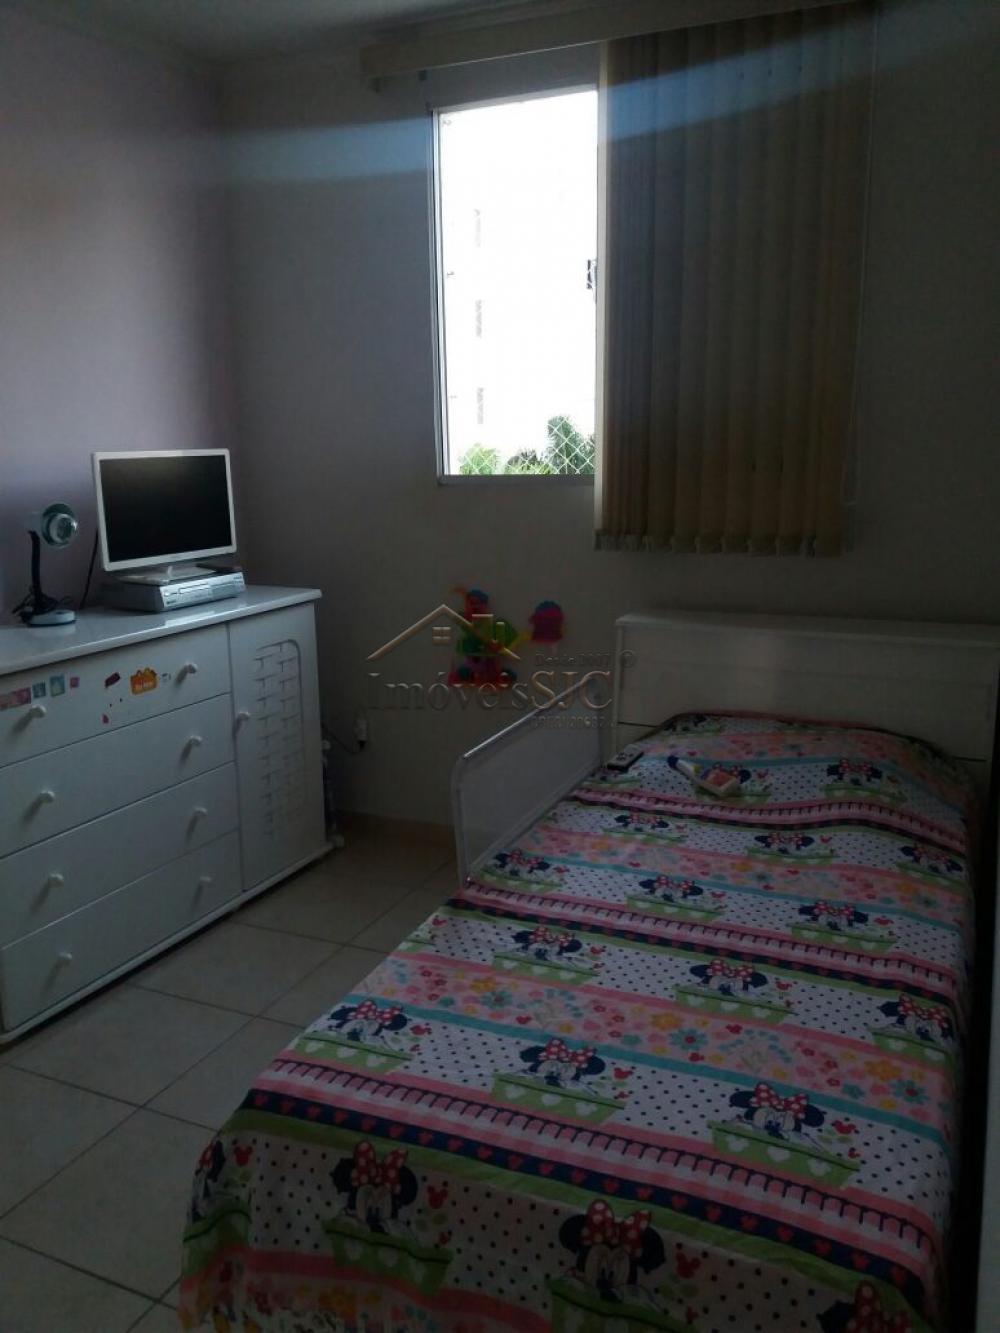 Comprar Apartamentos / Padrão em Jacareí apenas R$ 275.000,00 - Foto 11